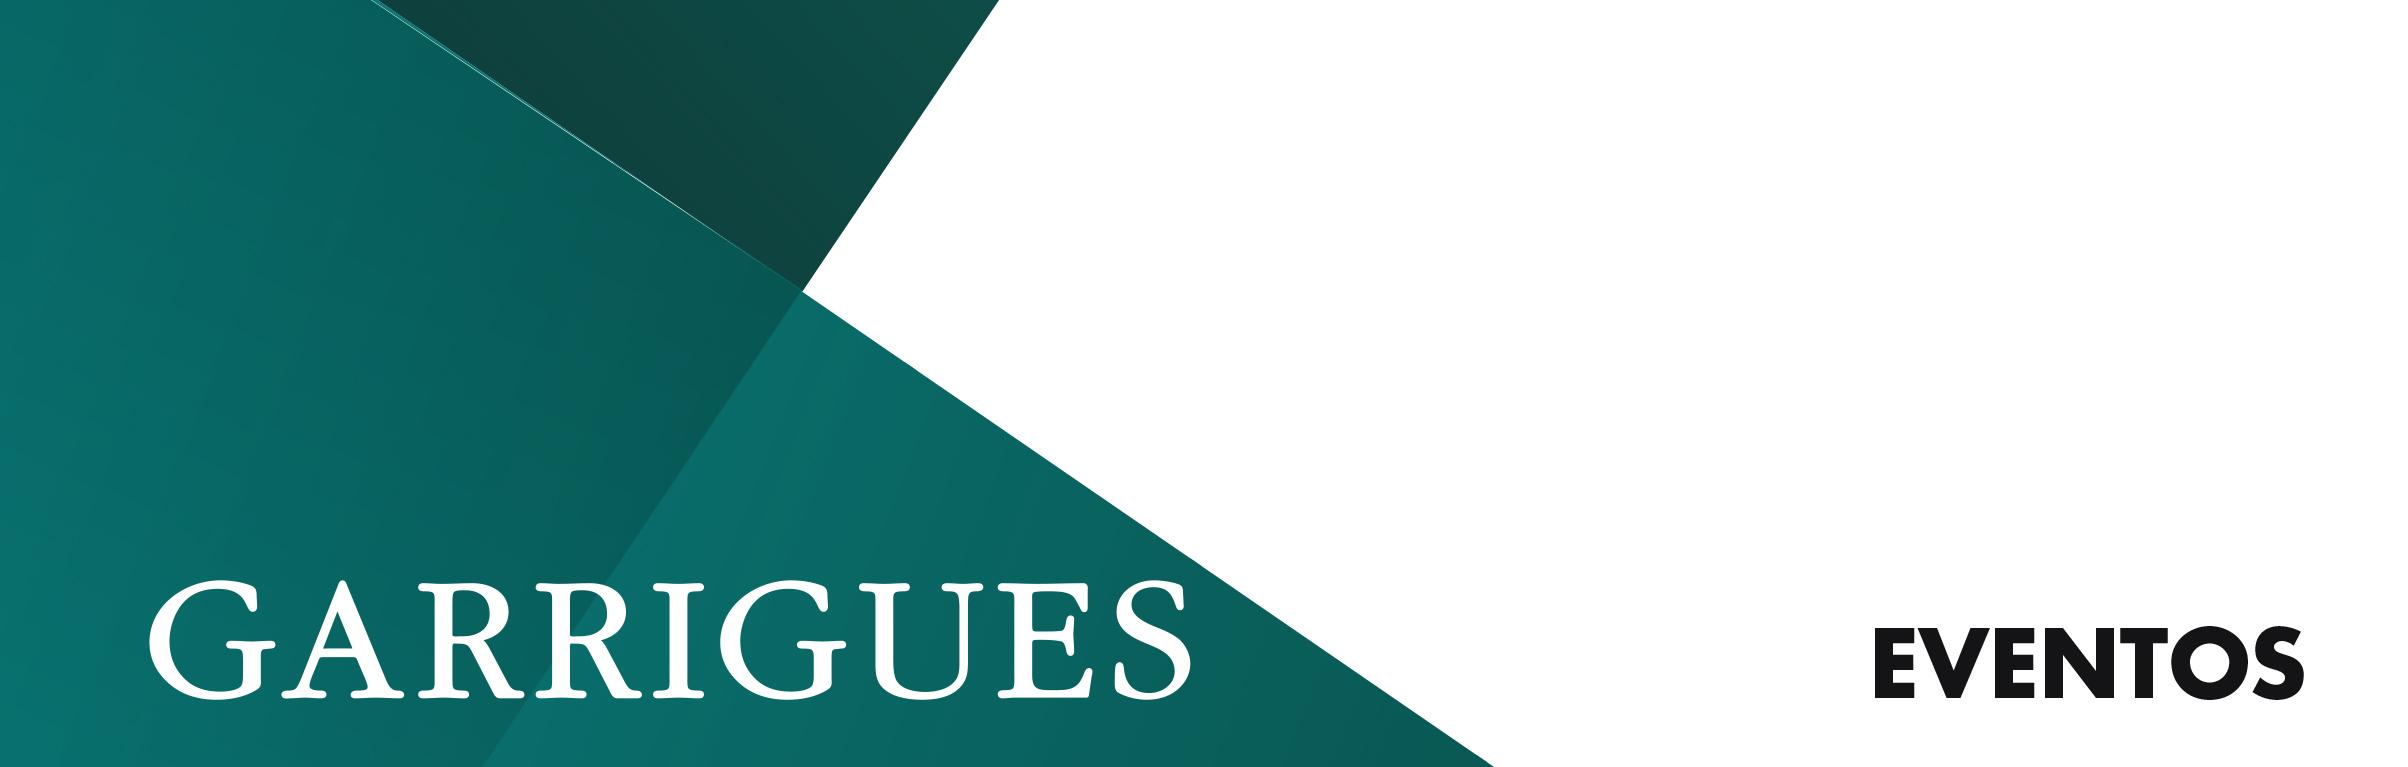 El sector hotelero en Baleares: análisis y cuestiones de actualidad